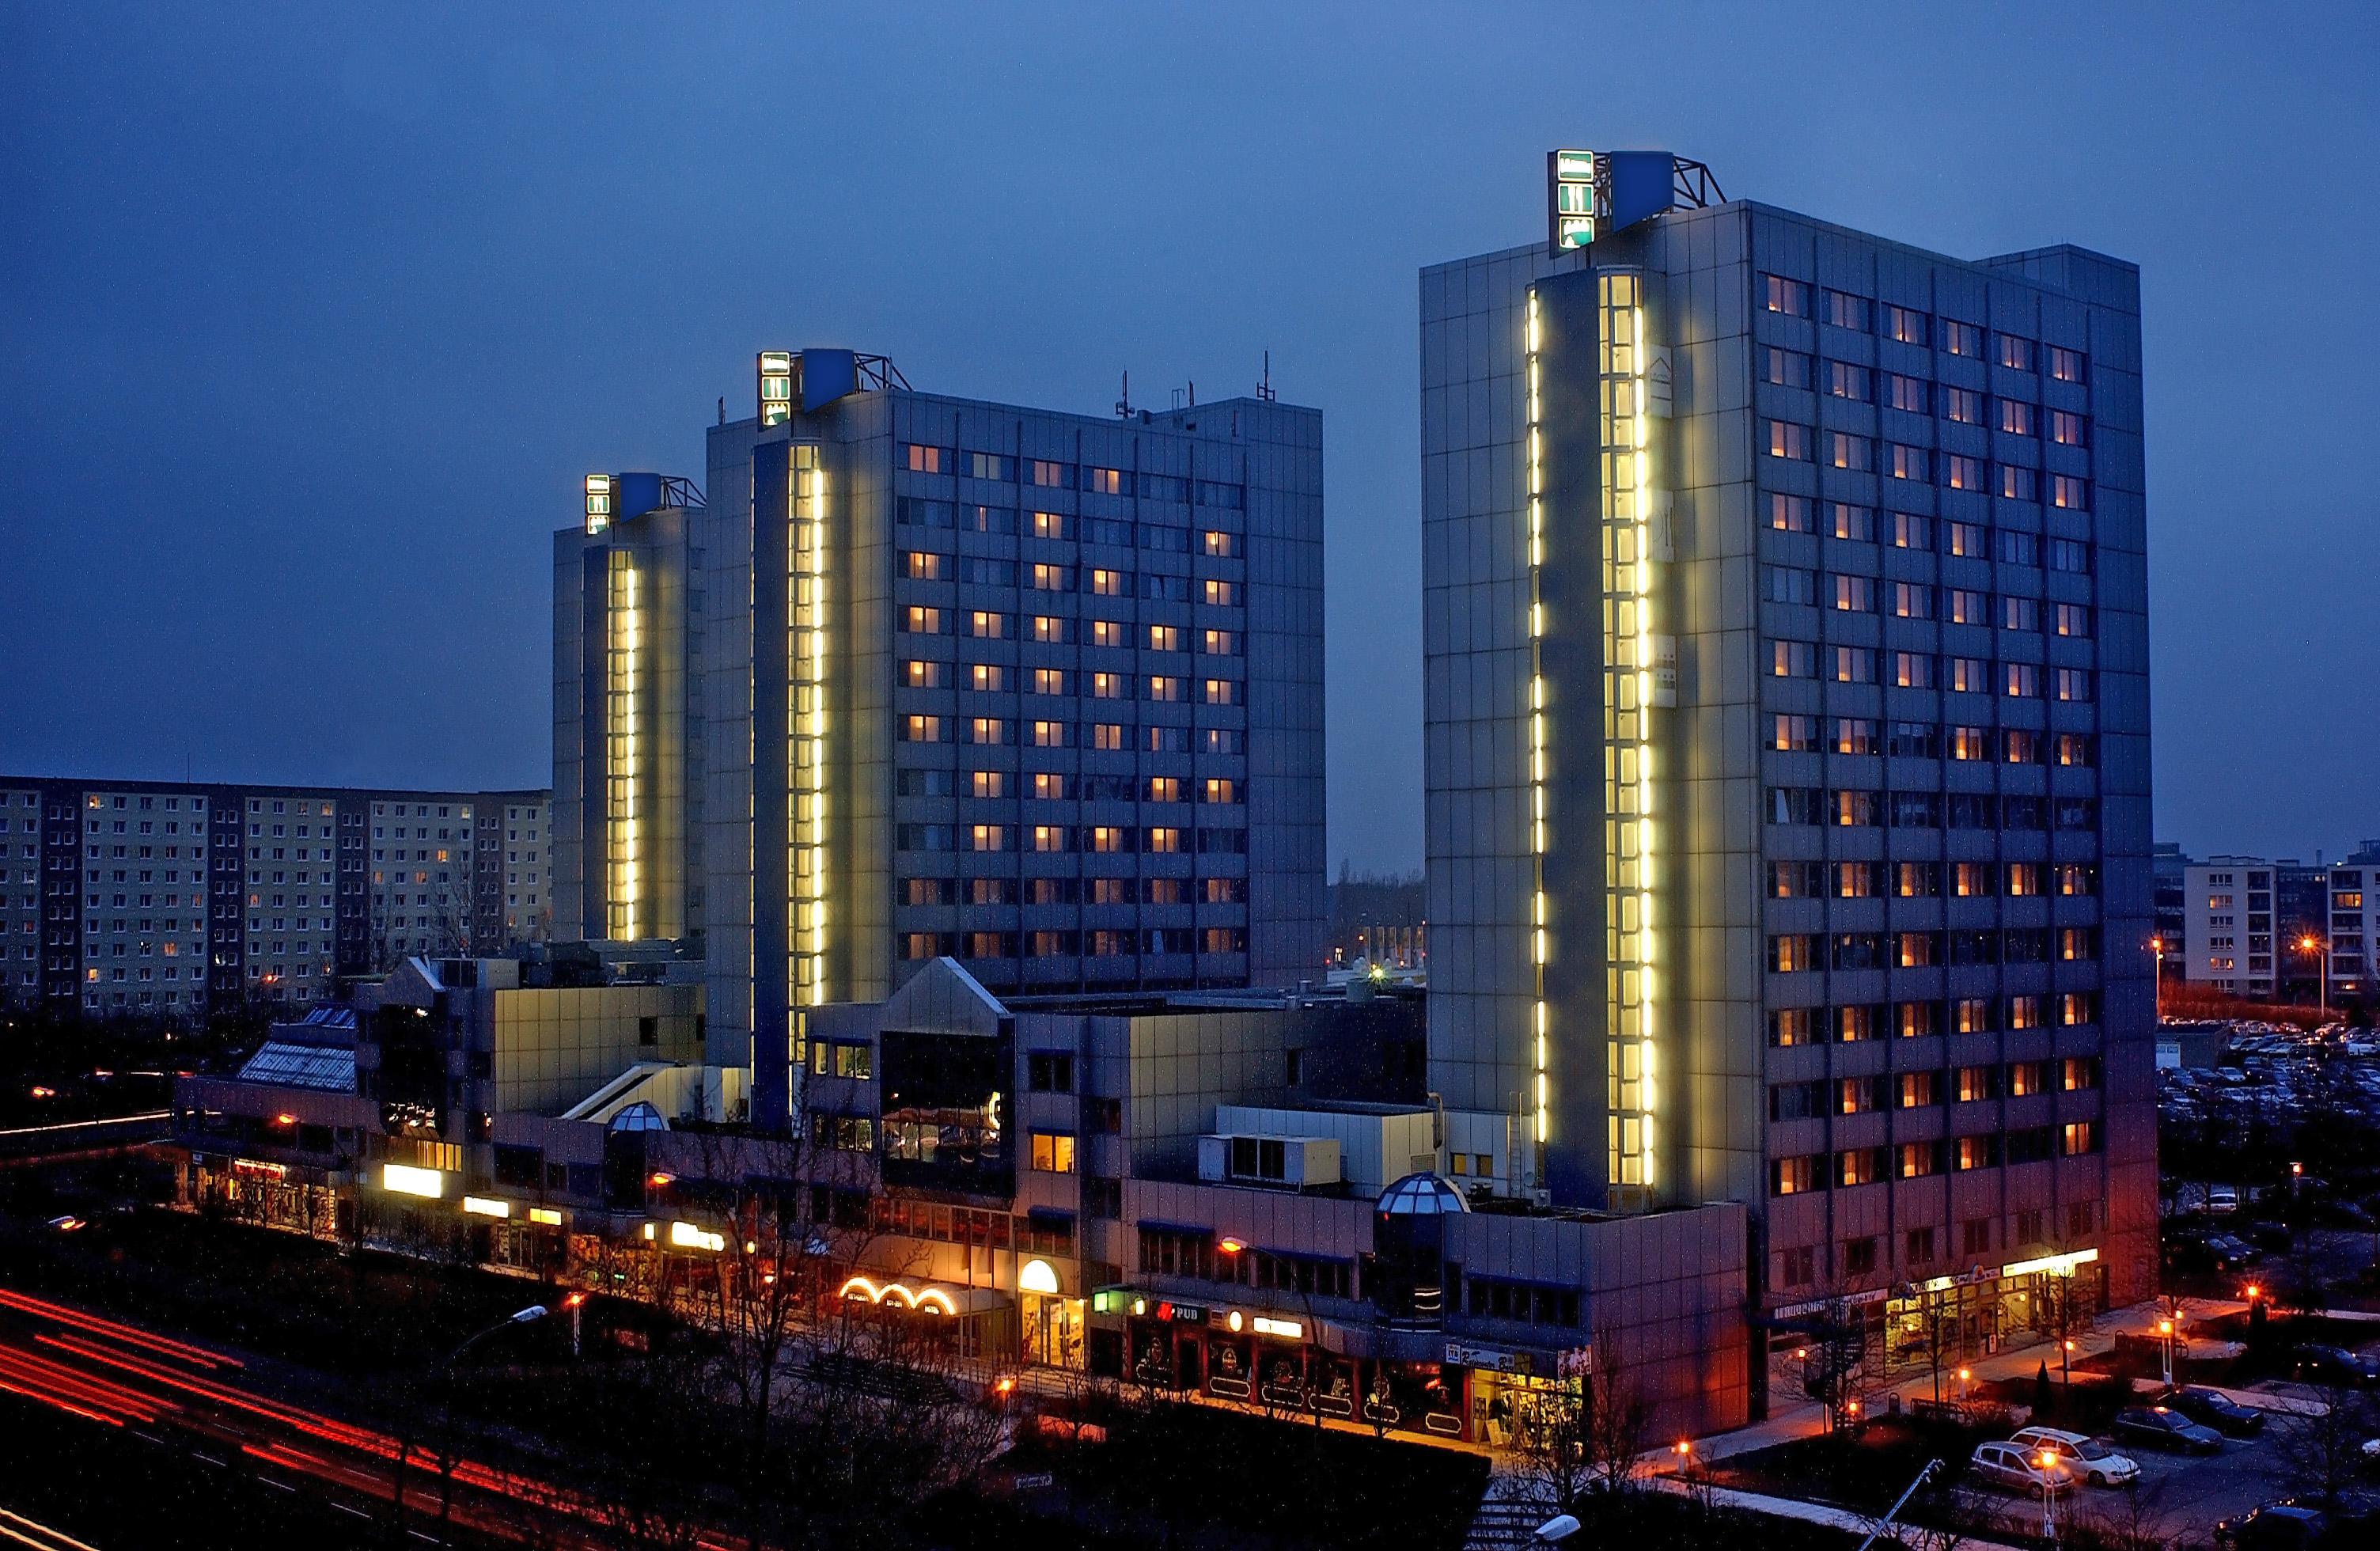 City Hotel East Berlin